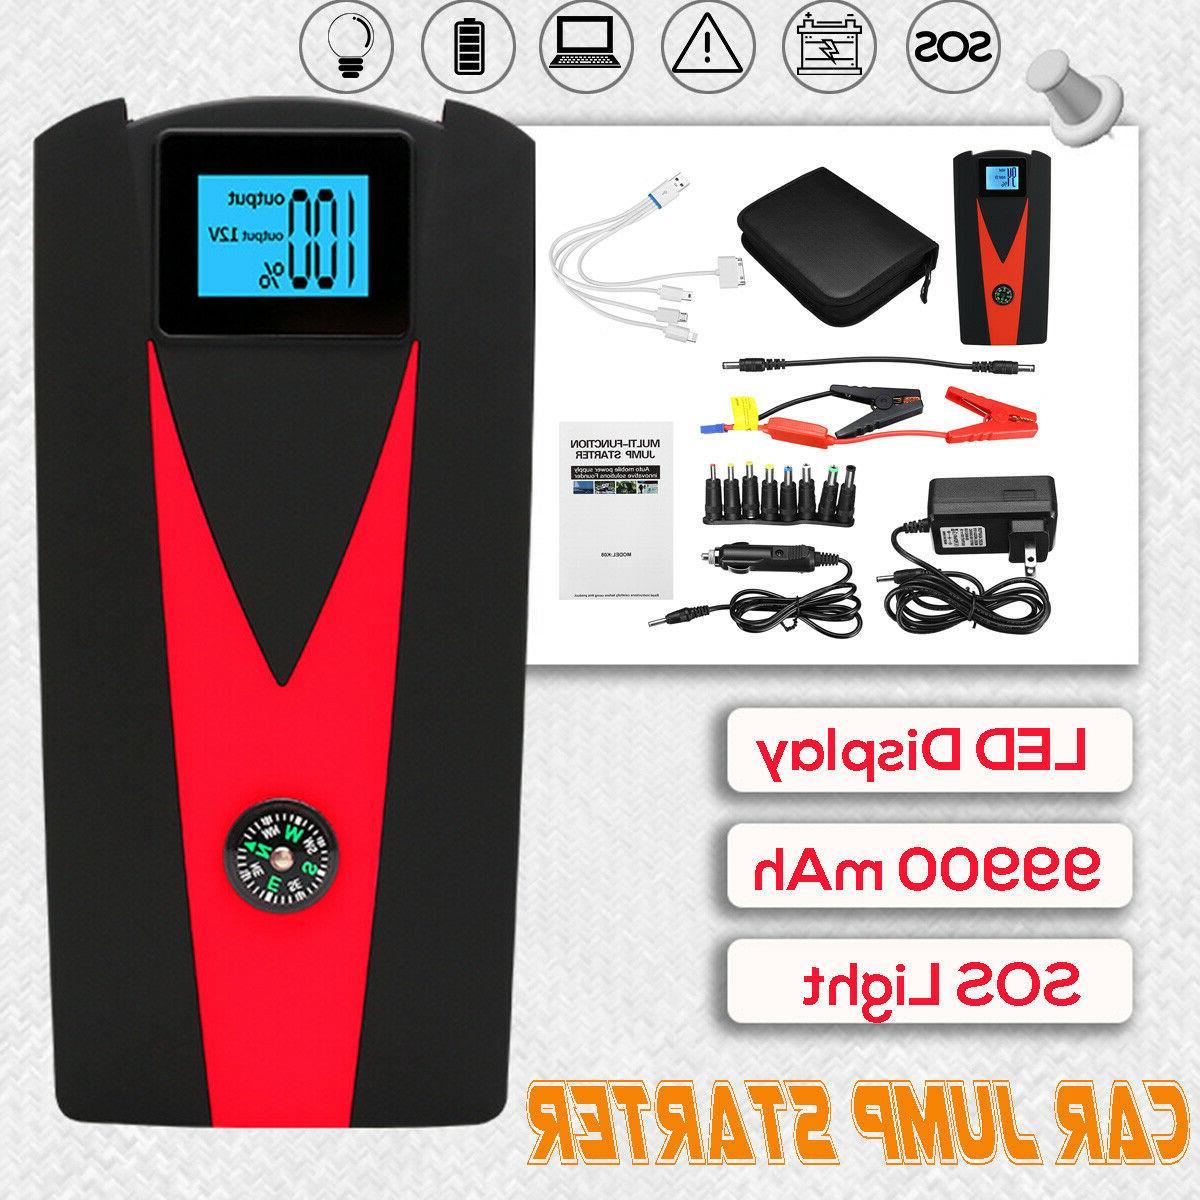 12V 68800mAh Portable Battery Jump Starter Air Compressor Ca